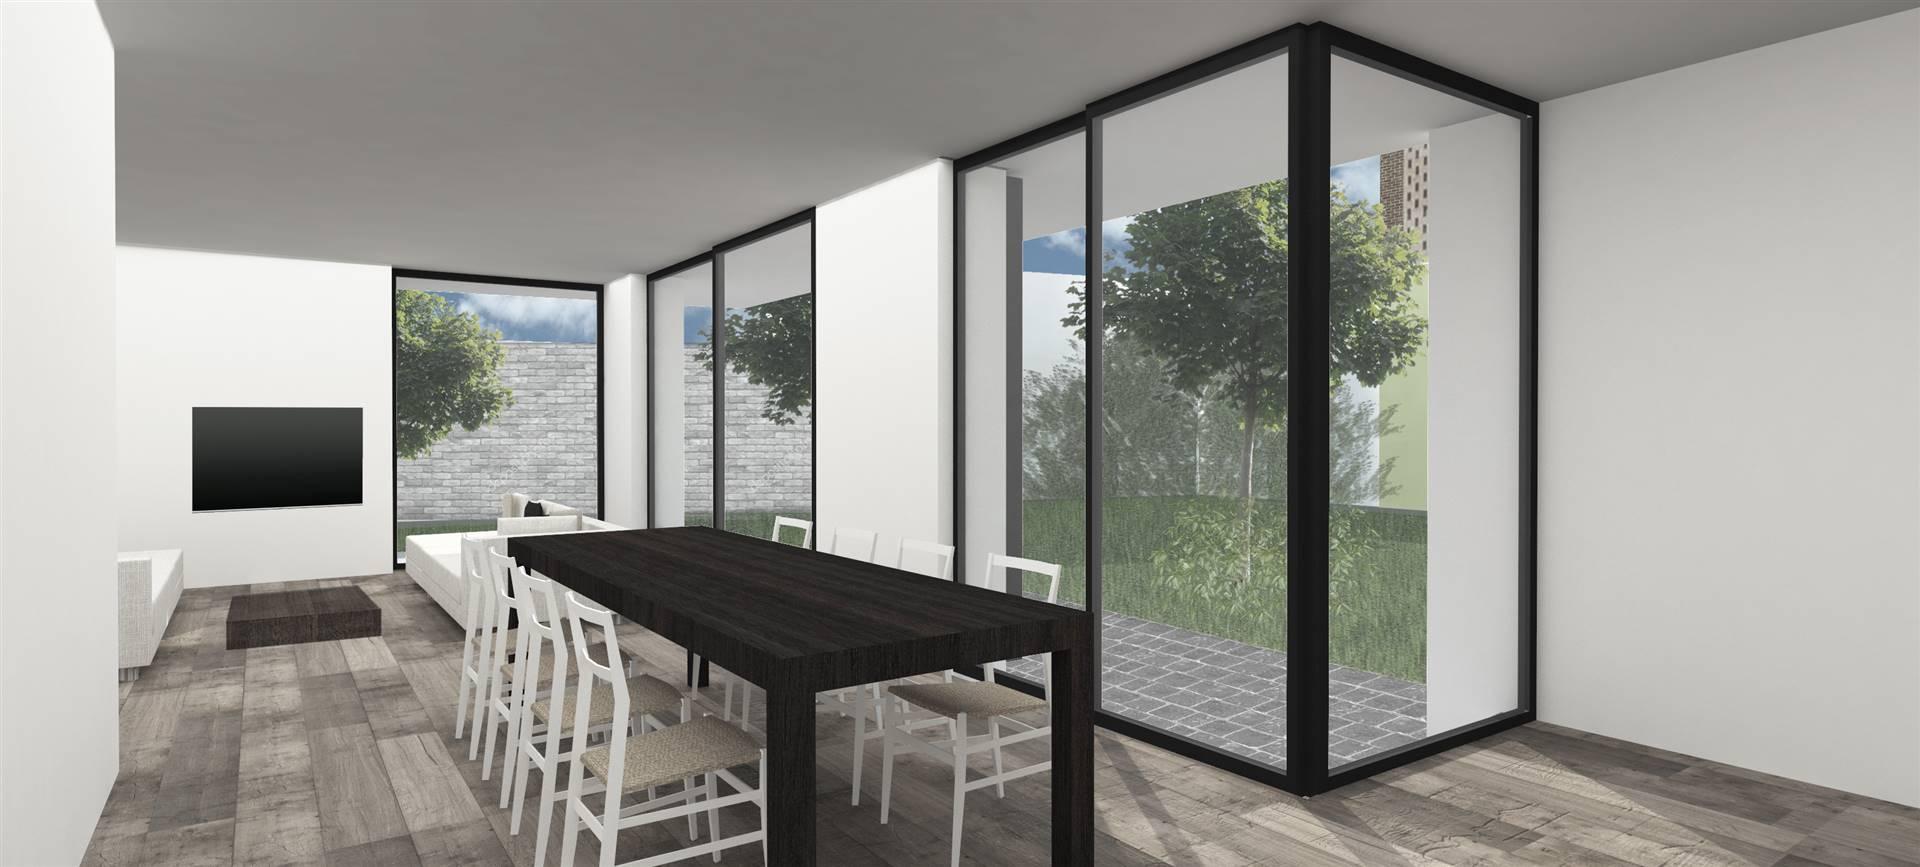 Villa in vendita a Trezzo sull'Adda, 4 locali, prezzo € 420.000 | CambioCasa.it